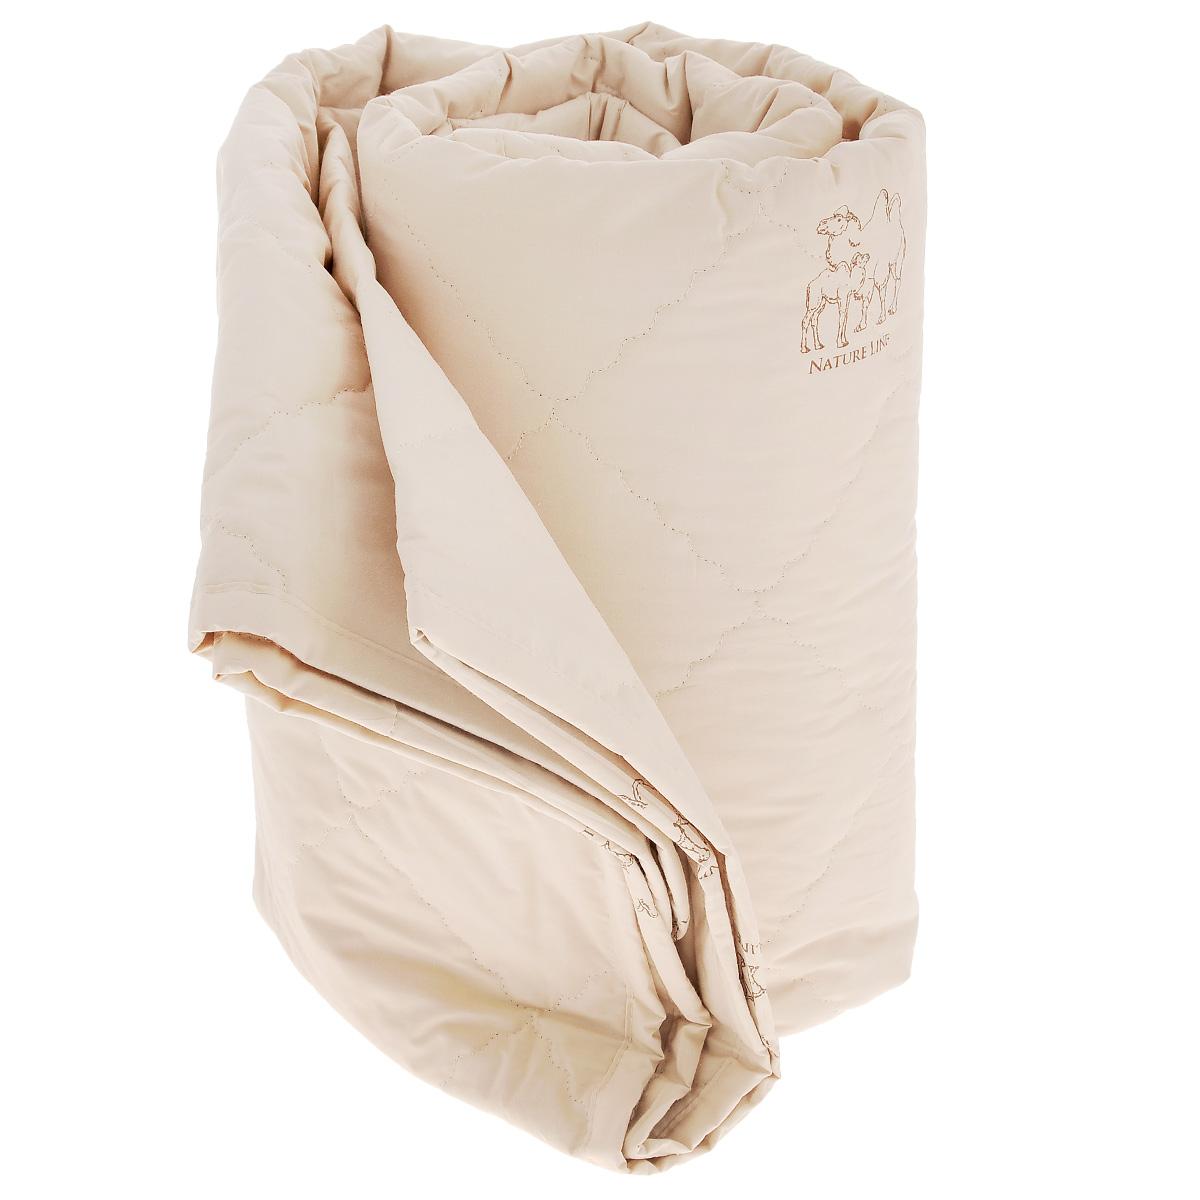 Одеяло La Prima Верблюжья шерсть, наполнитель: верблюжья шерсть, полиэфирное волокно, цвет: темно-бежевый, 200 см х 220 см1082/0224886/15Одеяло La Prima Верблюжья шерсть - это выбор тех, кто заботится о своем здоровье, поскольку оно отличается не только теплотой и мягкостью, но и своими целебными свойствами. Чехол выполнен из 100% хлопка. Наполнитель - с натуральной верблюжьей шерстью. Одеяло из верблюжьей шерсти подарит вам абсолютный комфорт во время сна, так как оказывает положительное влияние на организм человека. Оно создает эффект сухого тепла, прогревая мышцы и суставы, успокаивает и снимает усталость. Одеяло из верблюжьей шерсти теплее, прочнее и при одинаковом объеме значительно легче овечьей шерсти. Оно гипоаллергенно и рекомендовано для профилактики и лечения многих заболеваний. Материал чехла: 100% хлопок. Наполнитель: верблюжья шерсть, полиэфирное волокно.